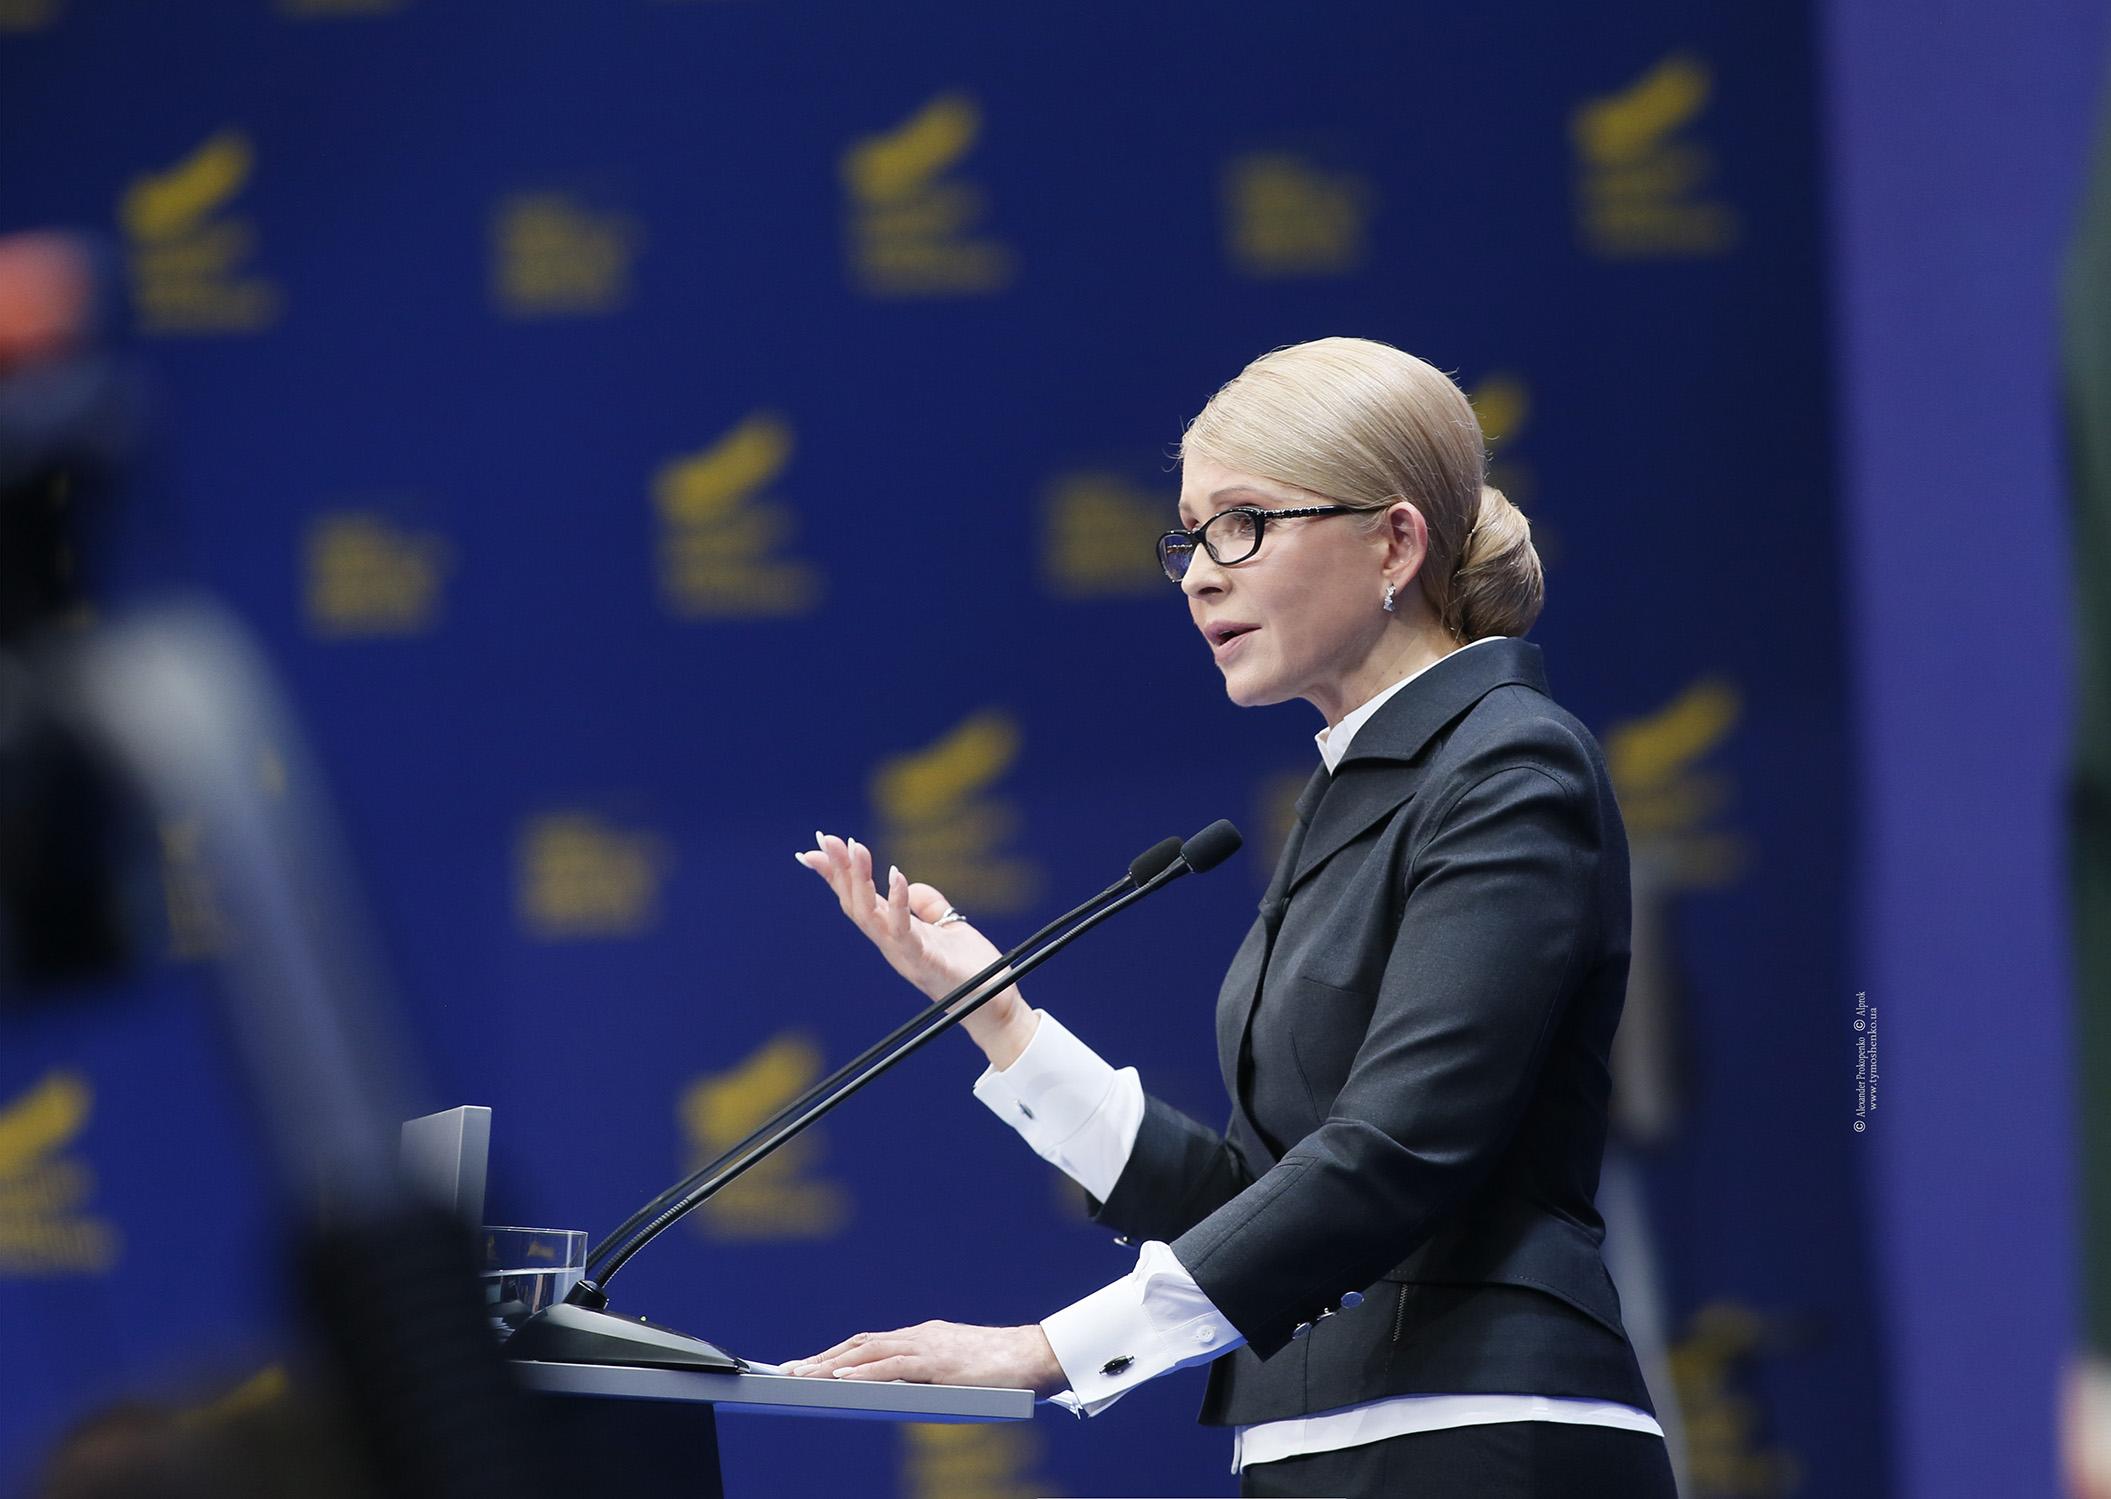 Будущий кандидат в президенты озвучила свое видение стратегии украинской безопасности